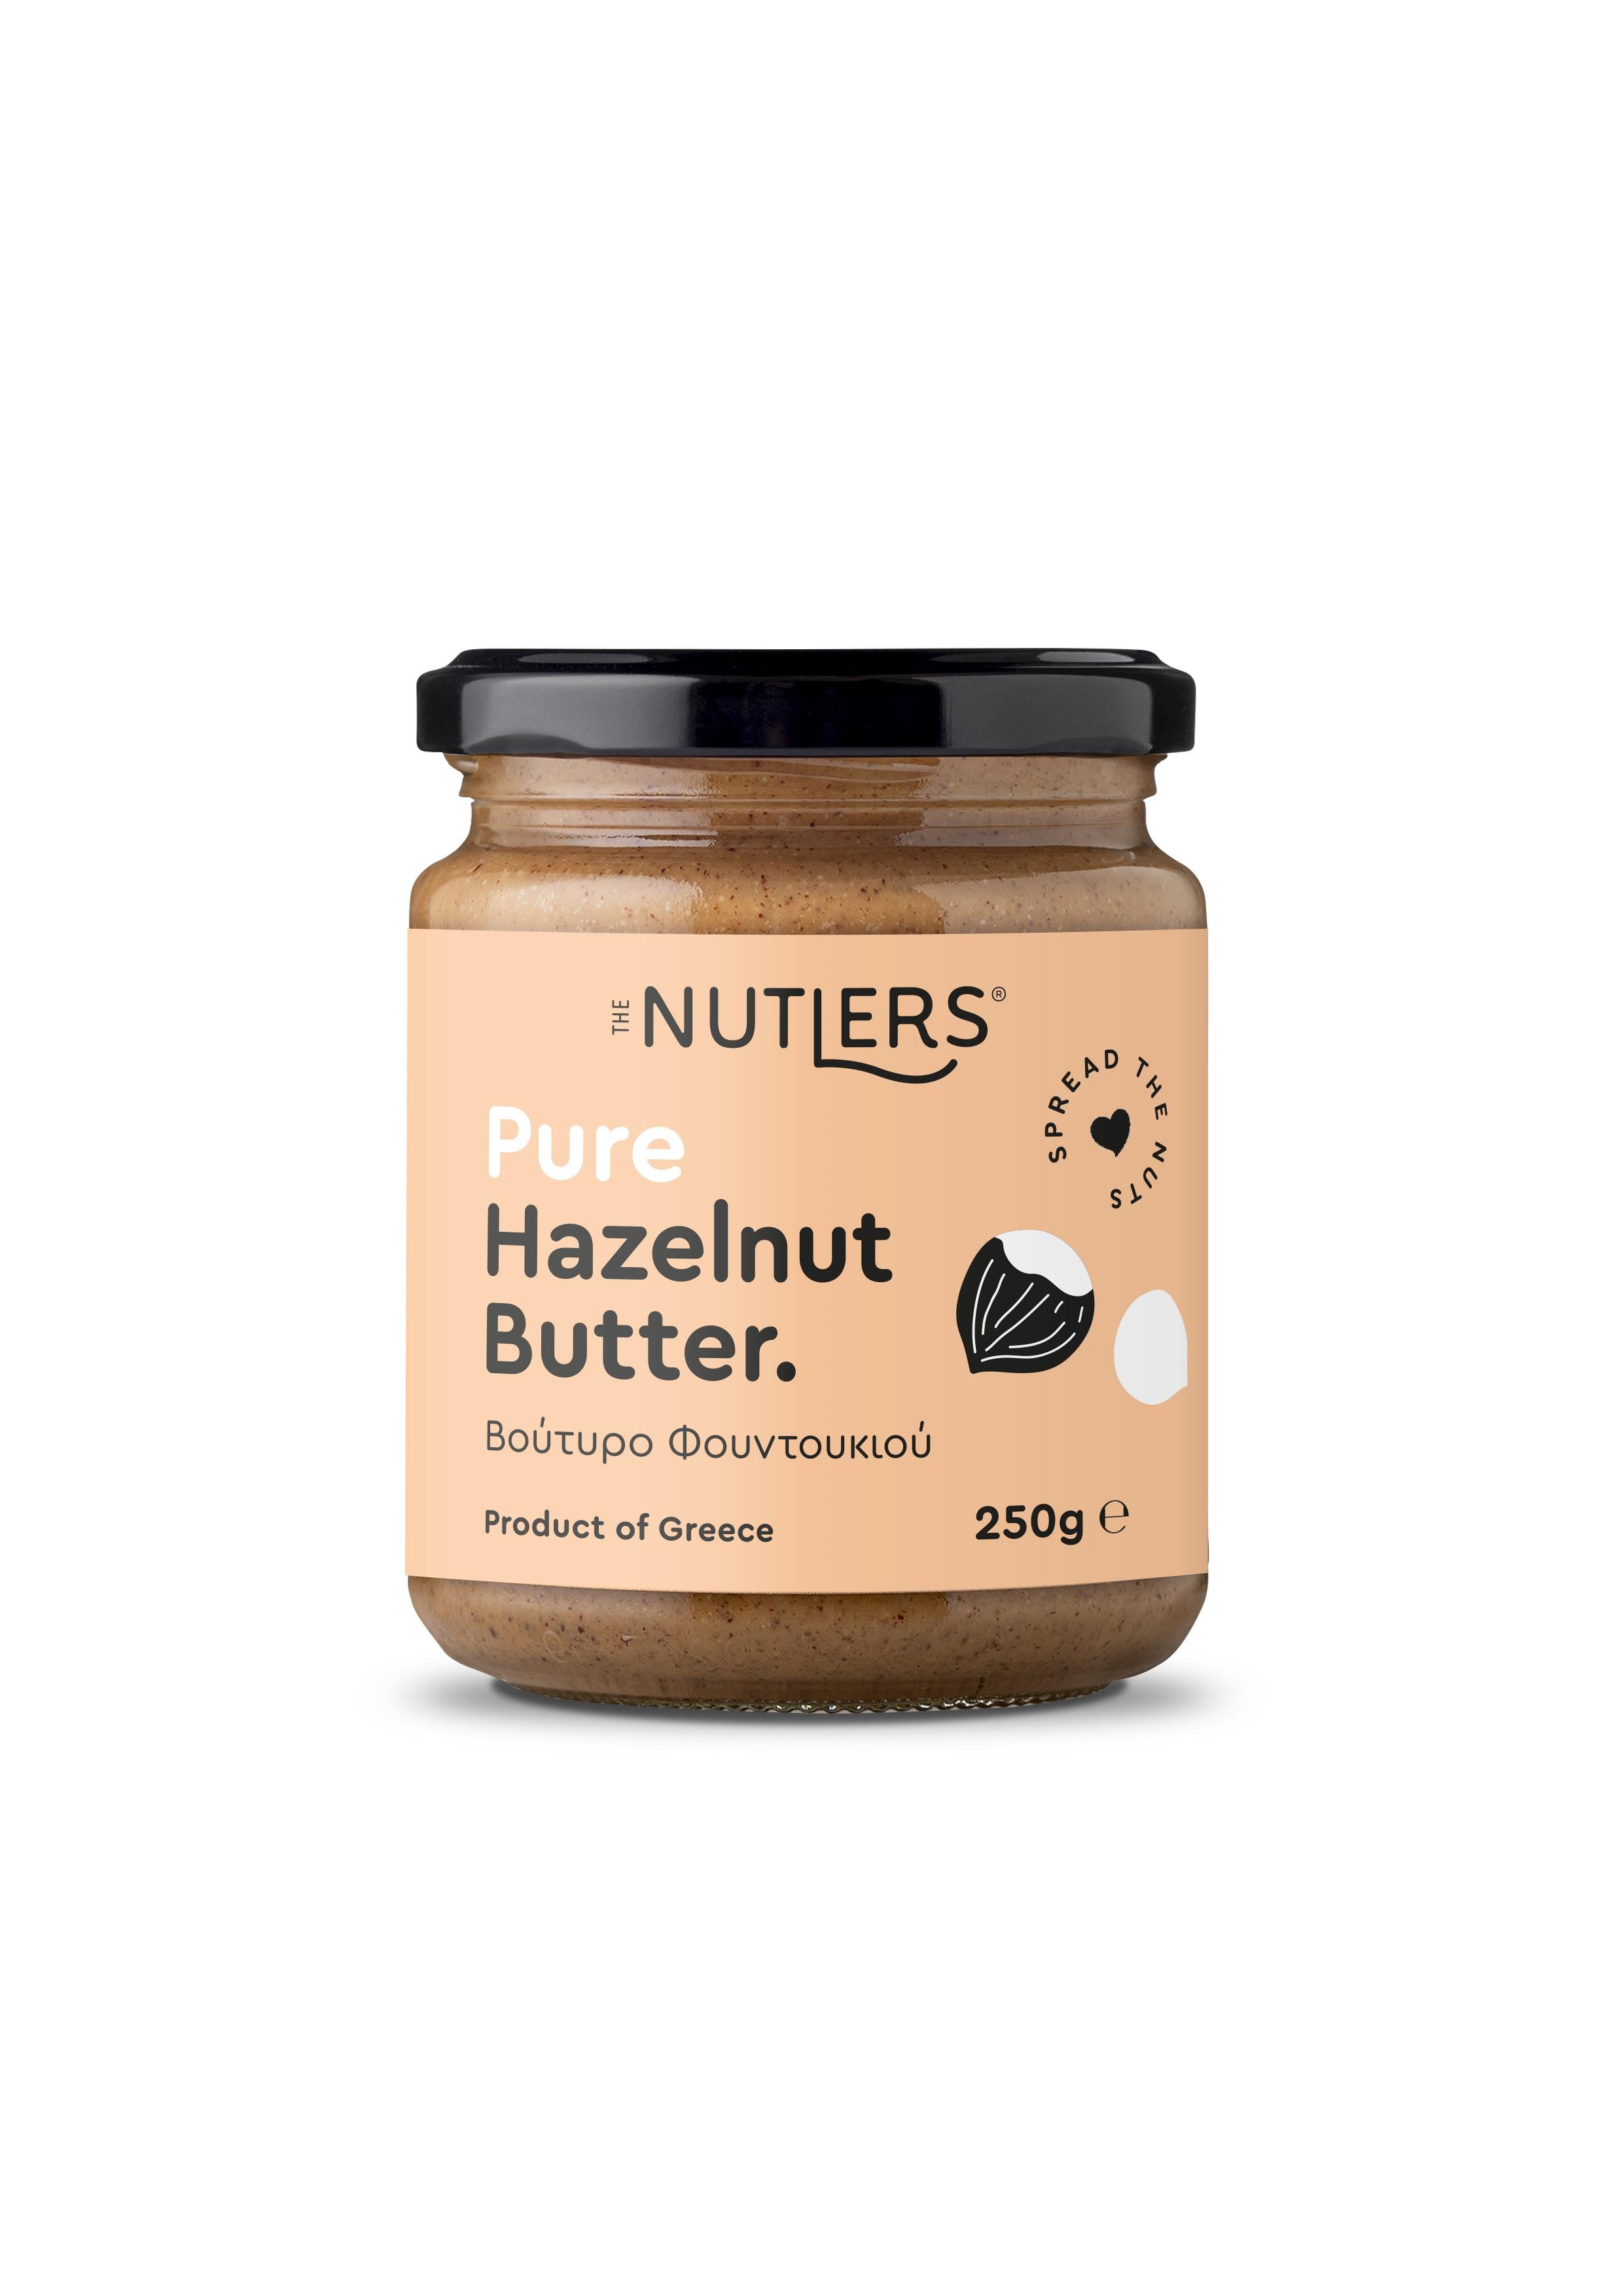 The Nutlers HAZELNUT BUTTER